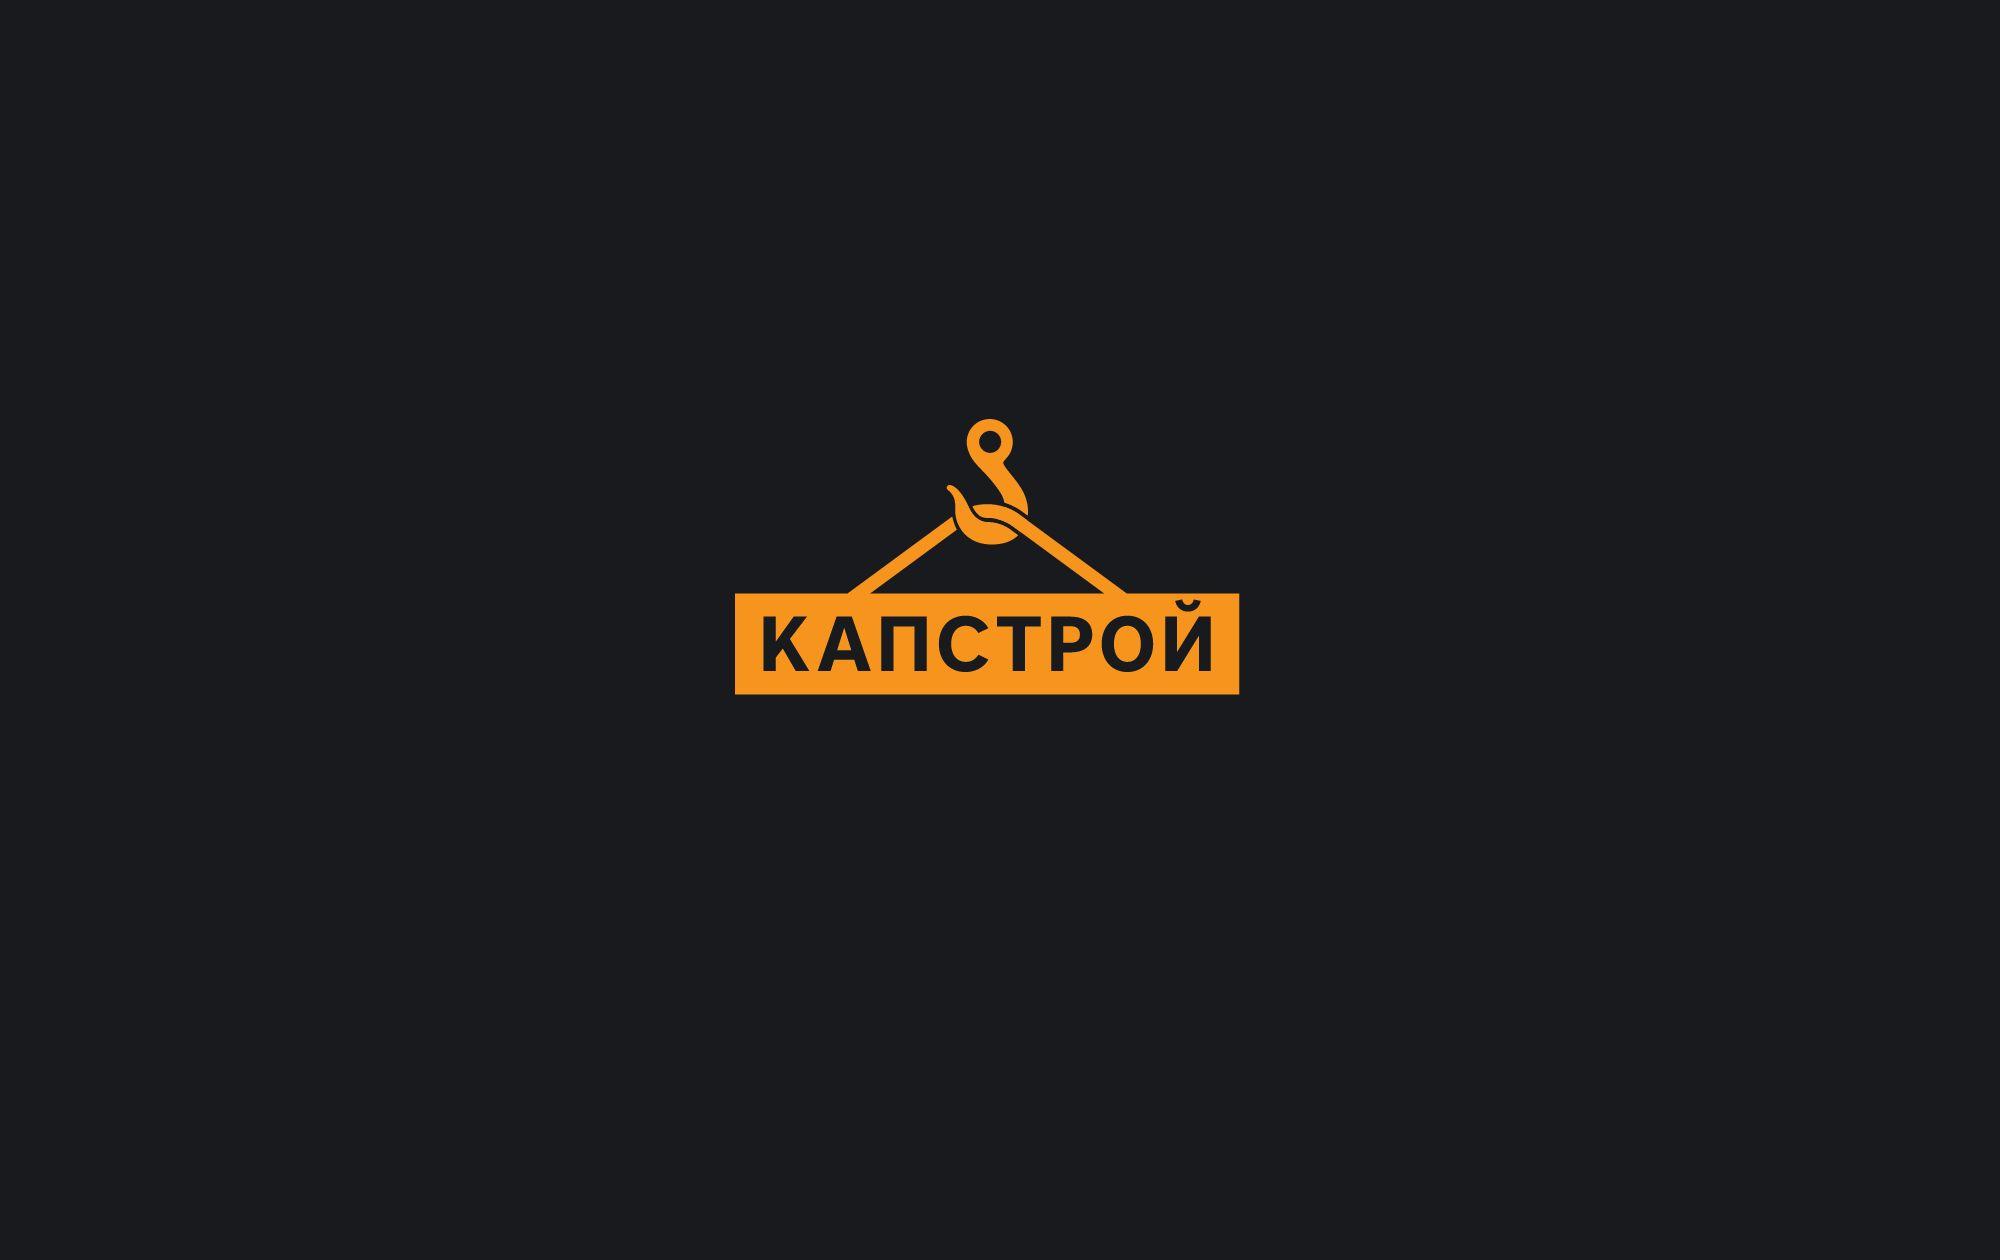 Лого и фирменный стиль для Капстрой  - дизайнер nuttale